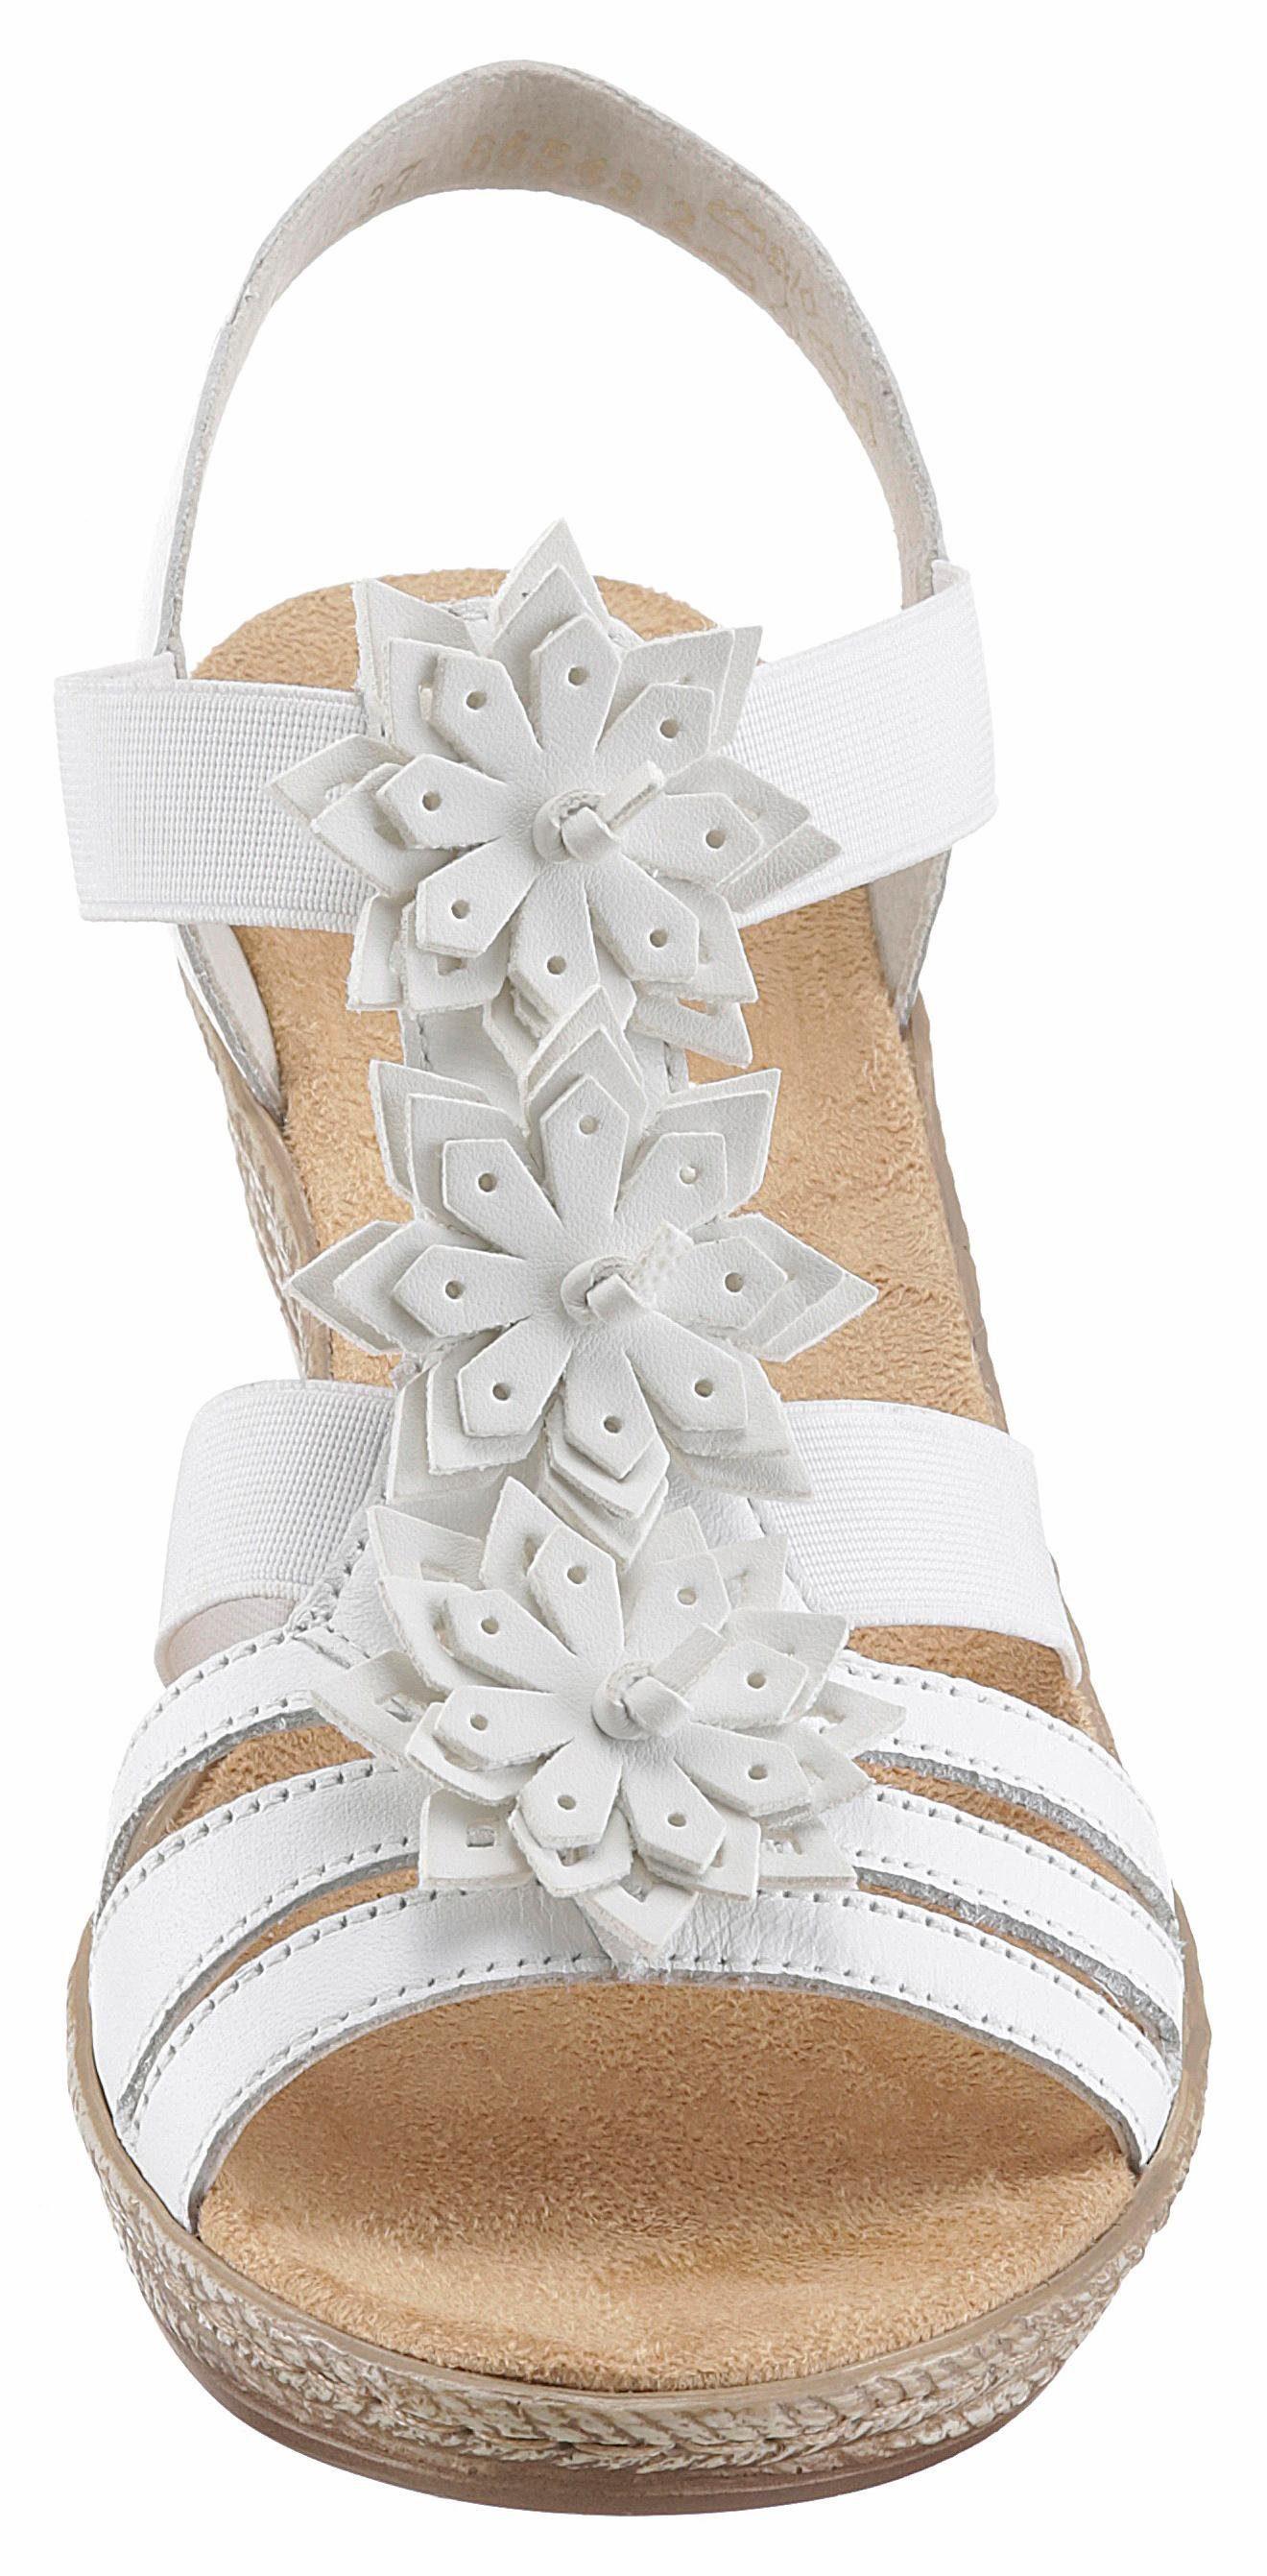 Rieker Sandalette, mit modischen Blüten verziert  weiß